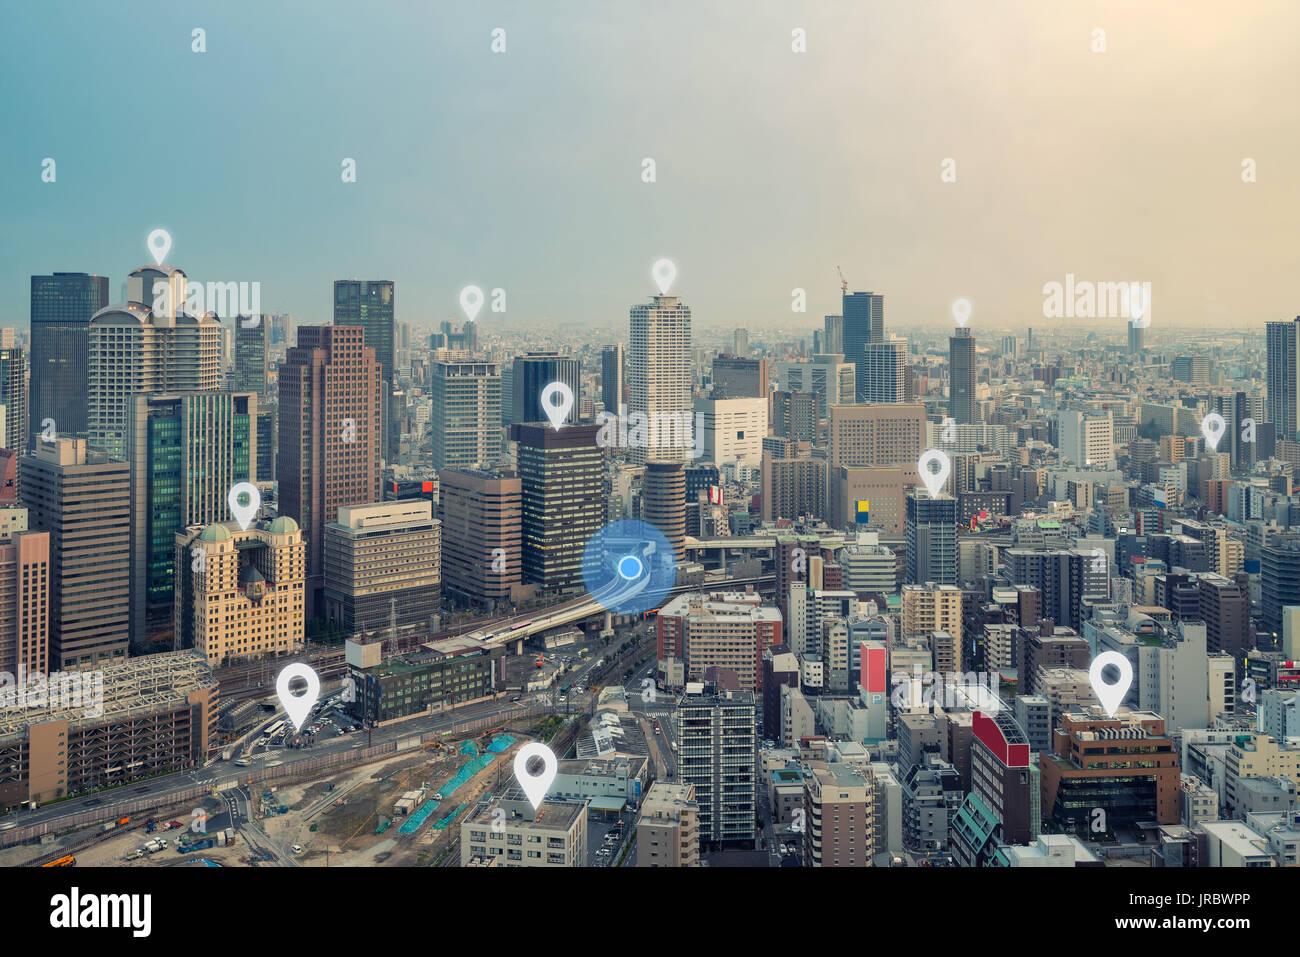 Ricerca posizione sulla mappa e il pin sopra la città di Osaka e la connessione di rete internet delle cose, la navigazione satellitare il concetto di sistema Immagini Stock